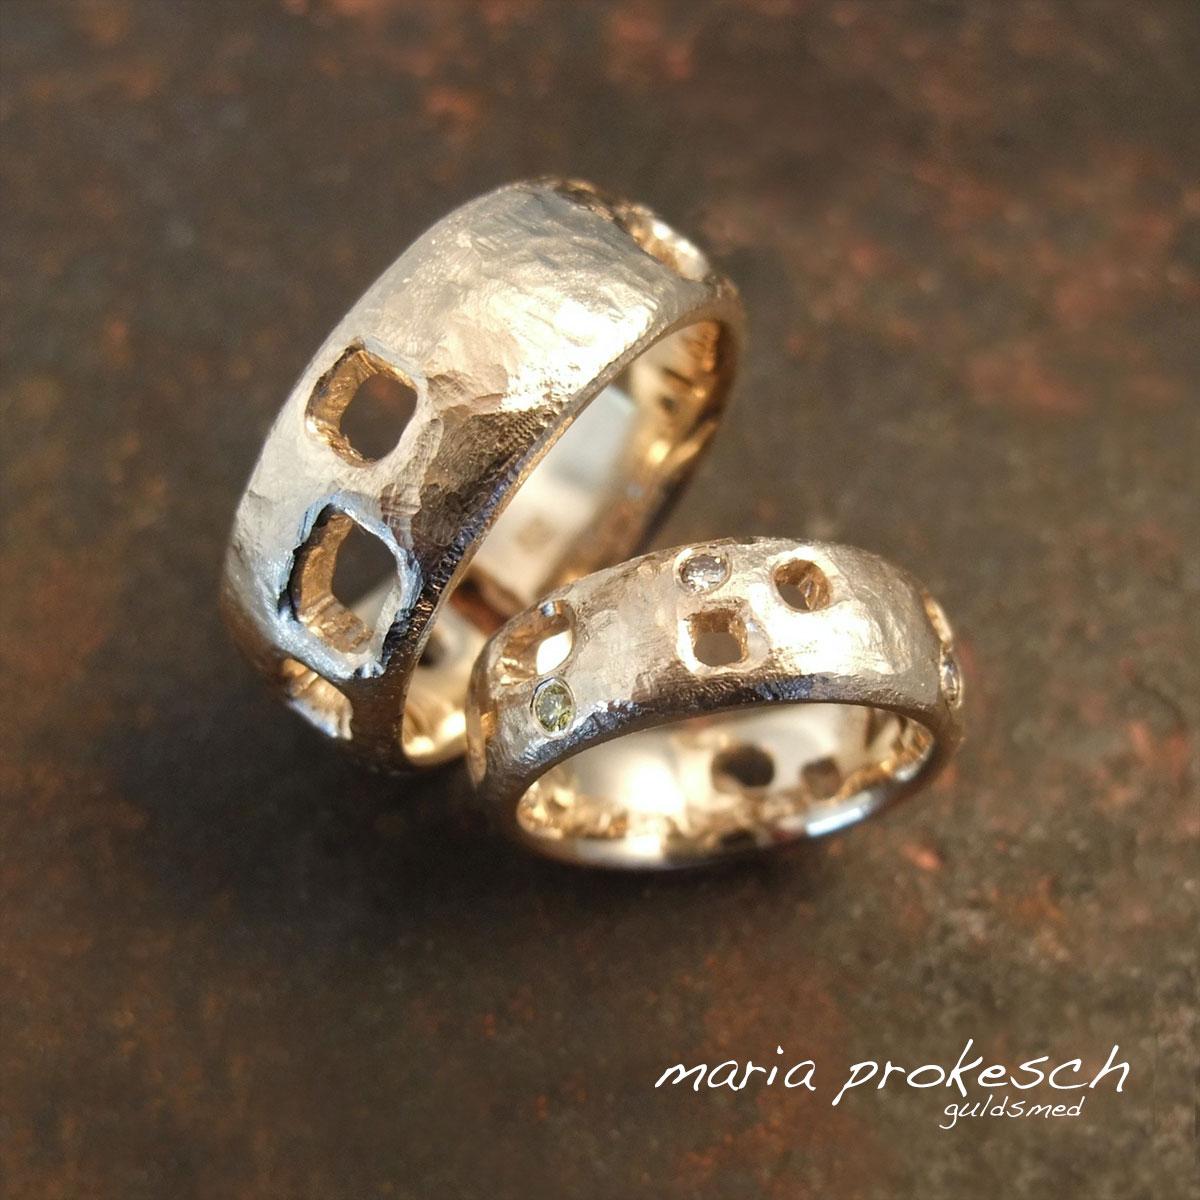 Utradtionelle vielsesringe som både er grov-rustikke og med firkantede udsavninger. I hendes ring sidder brillanter strøet.